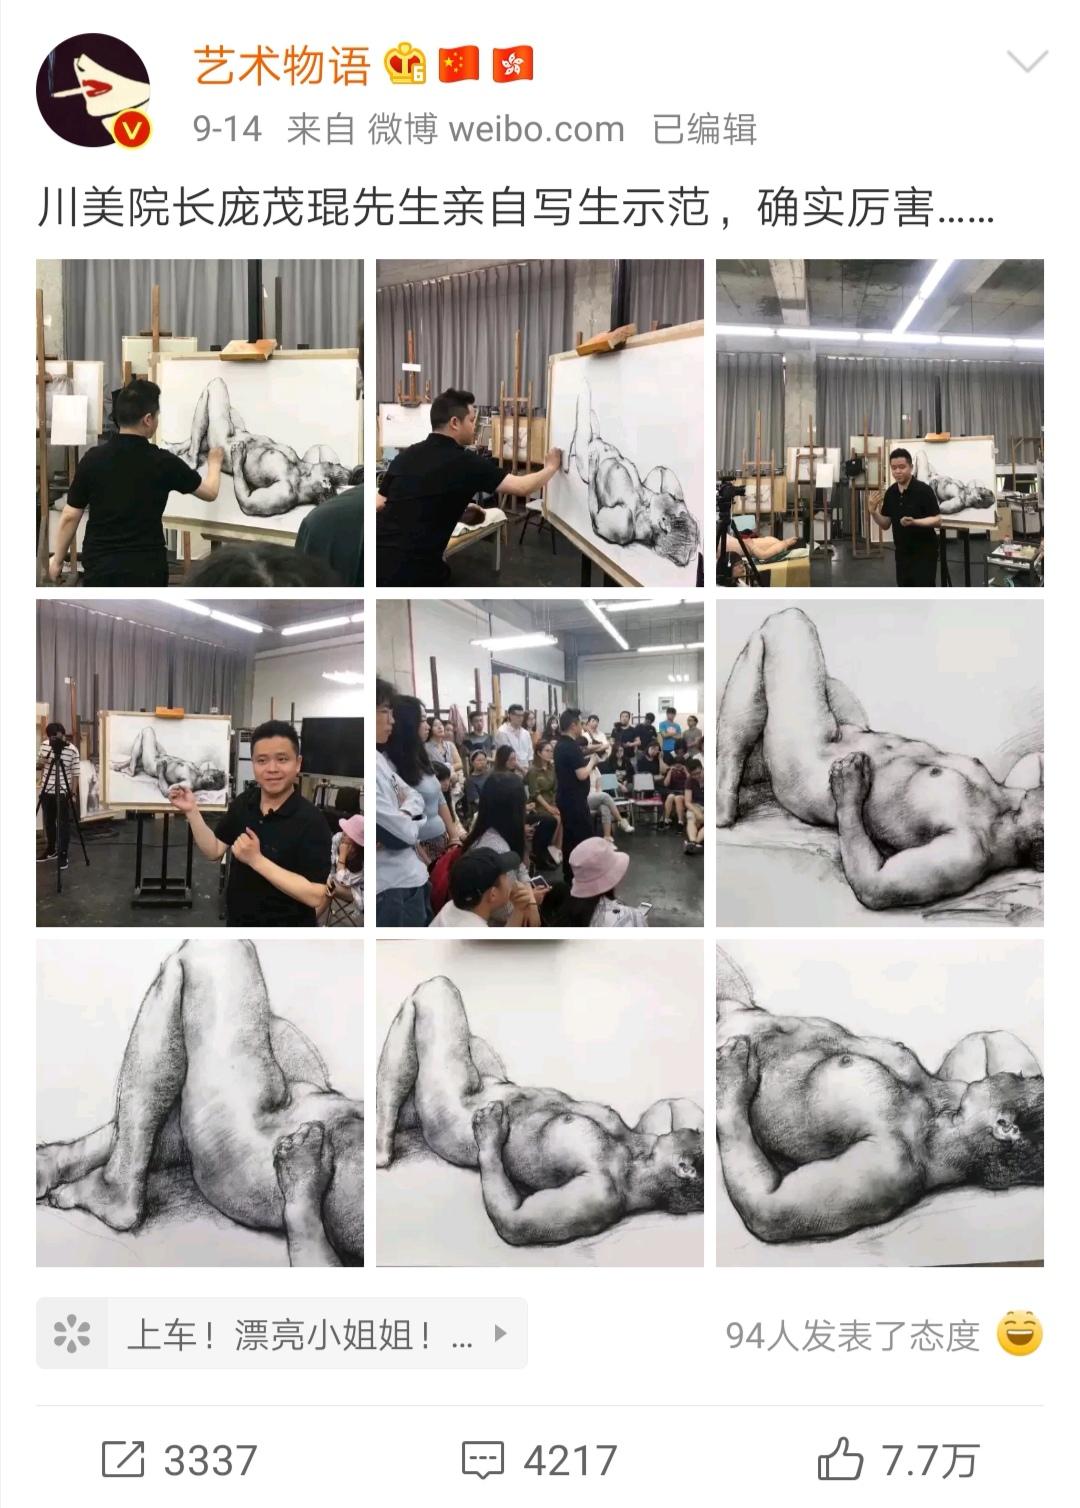 四川美术学院院长亲自写生示范 大学美术课画裸体有伤风化?